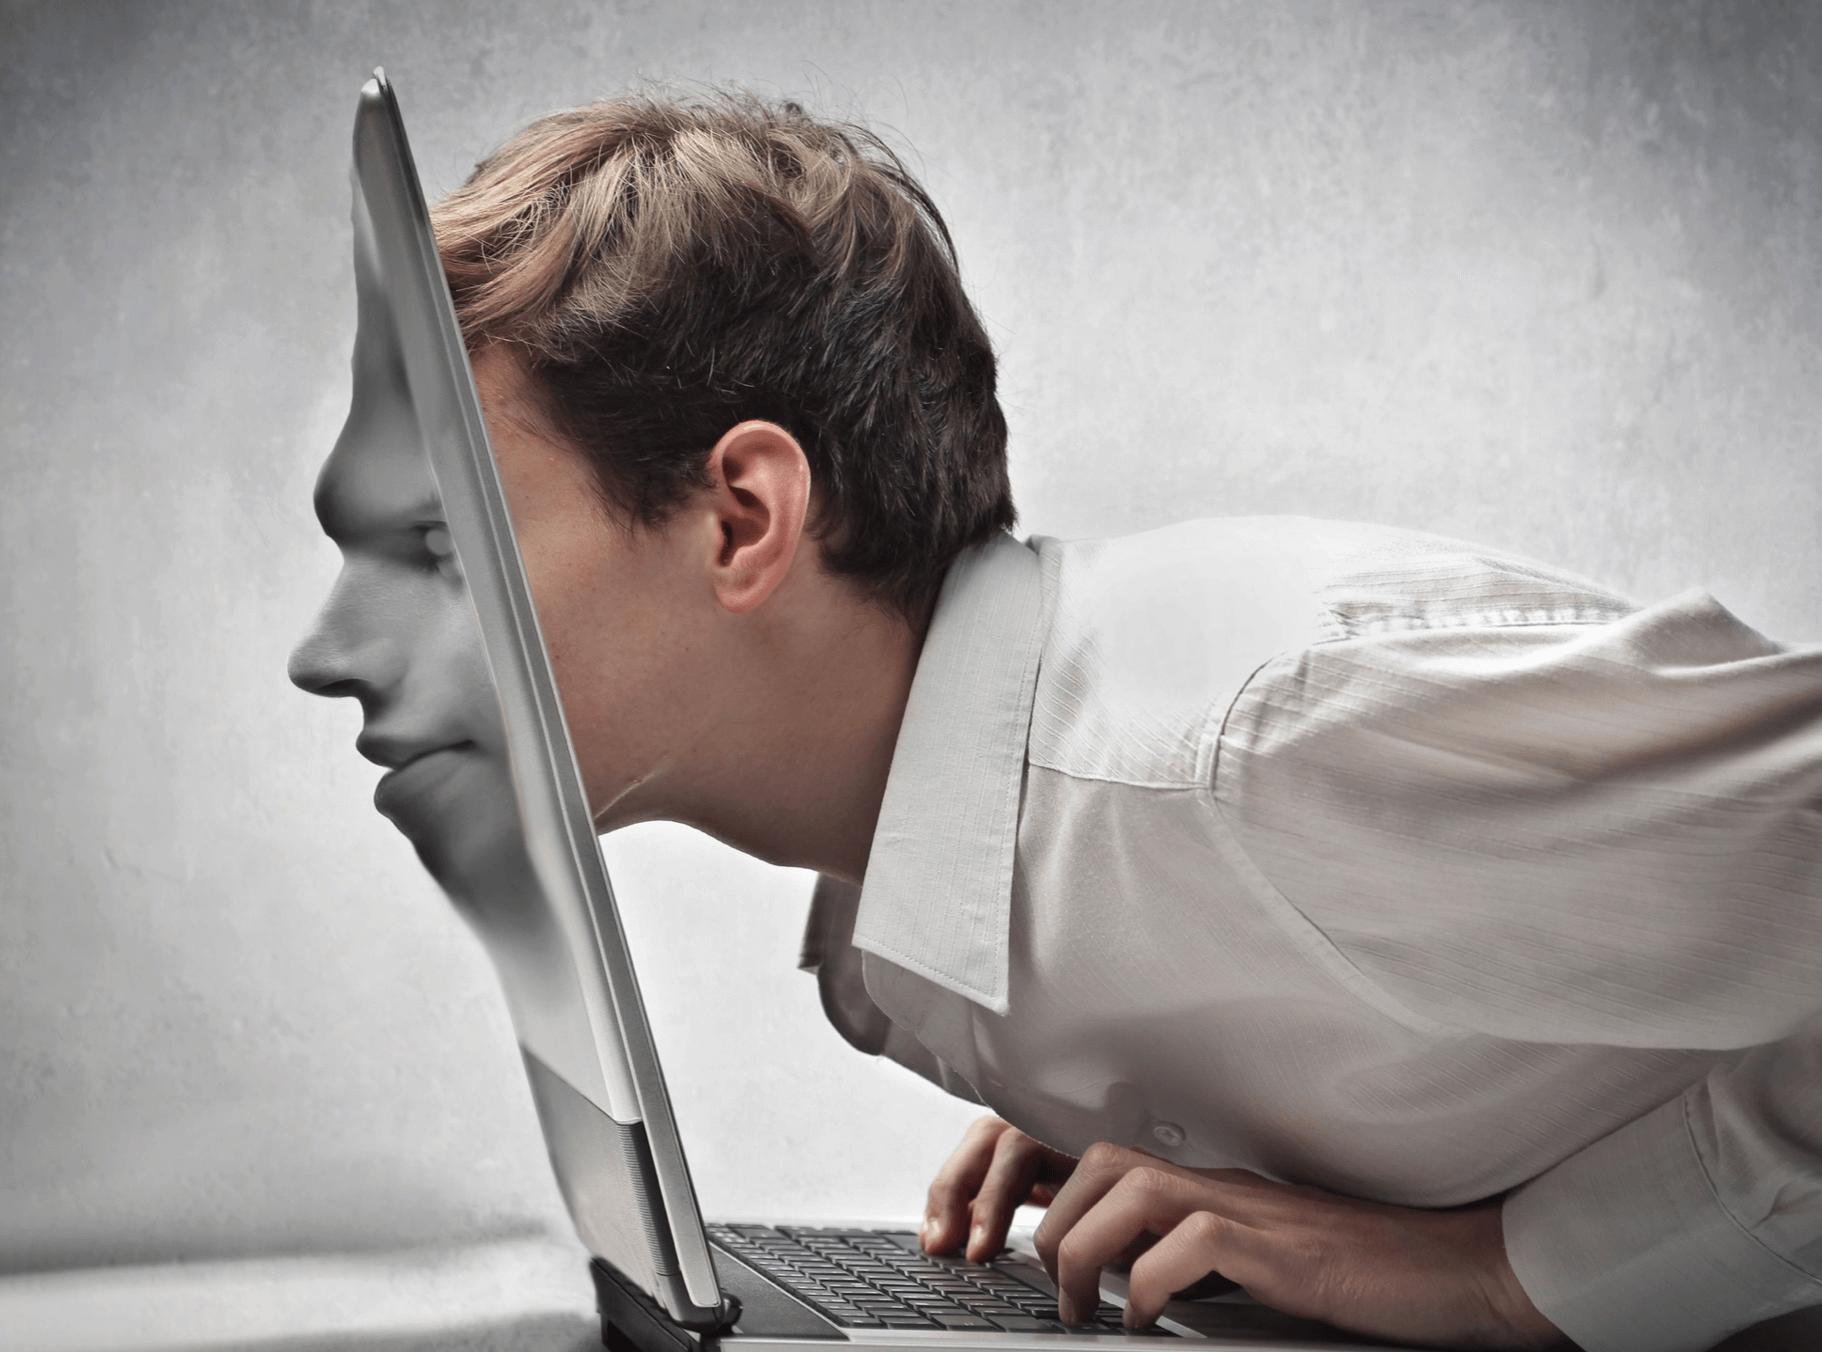 Фото вывода интернета и телевидения в стене замши девушки